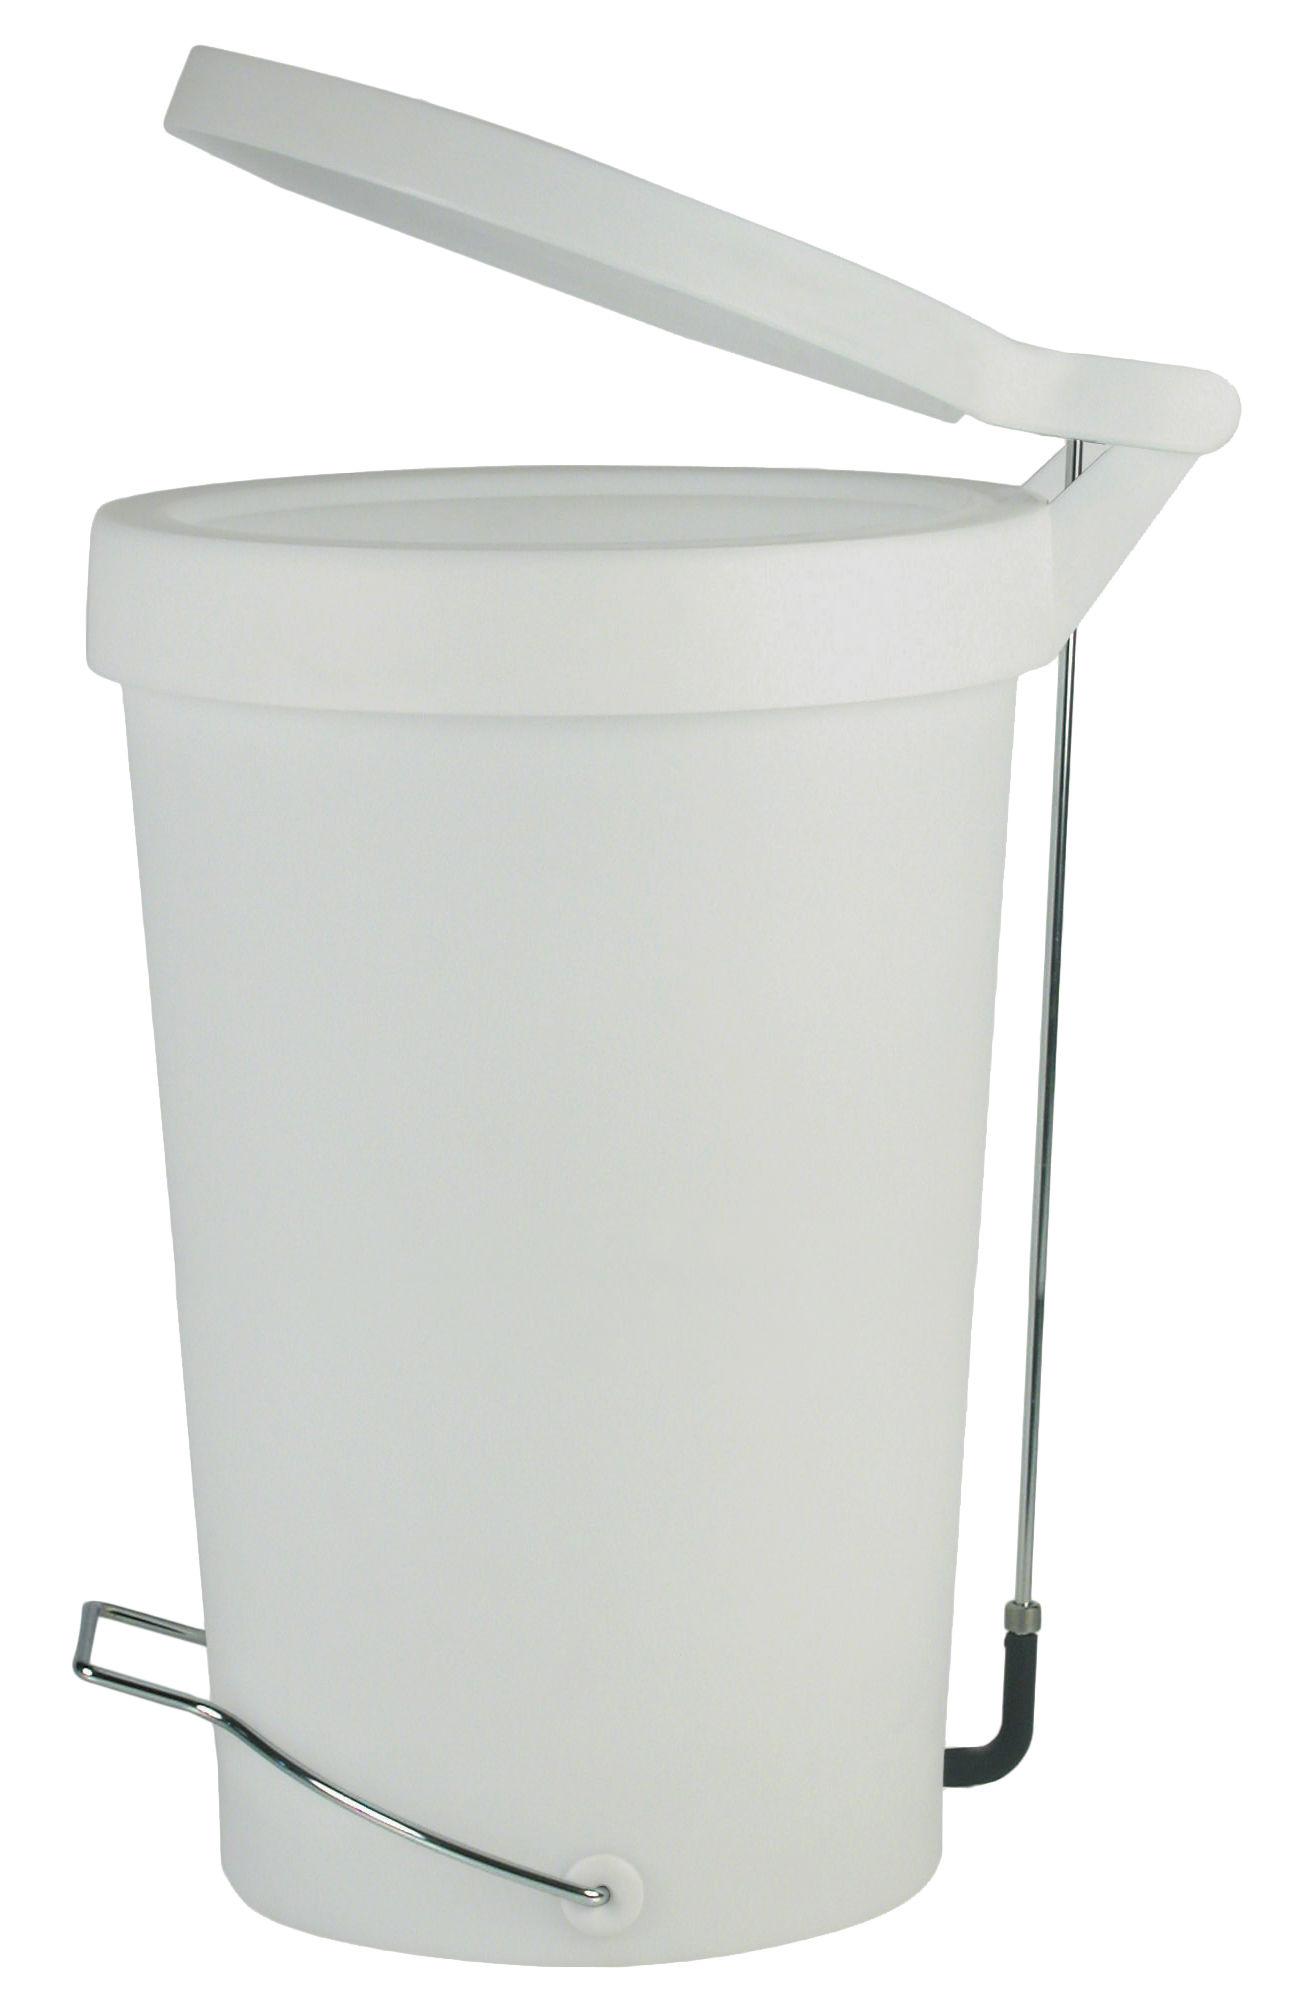 Küche - Mülleimer - Tip Treteimer 30 Liter - Treteimer - Authentics - Grau-weiß - Kautschuk, lackiertes Metall, Polypropylen